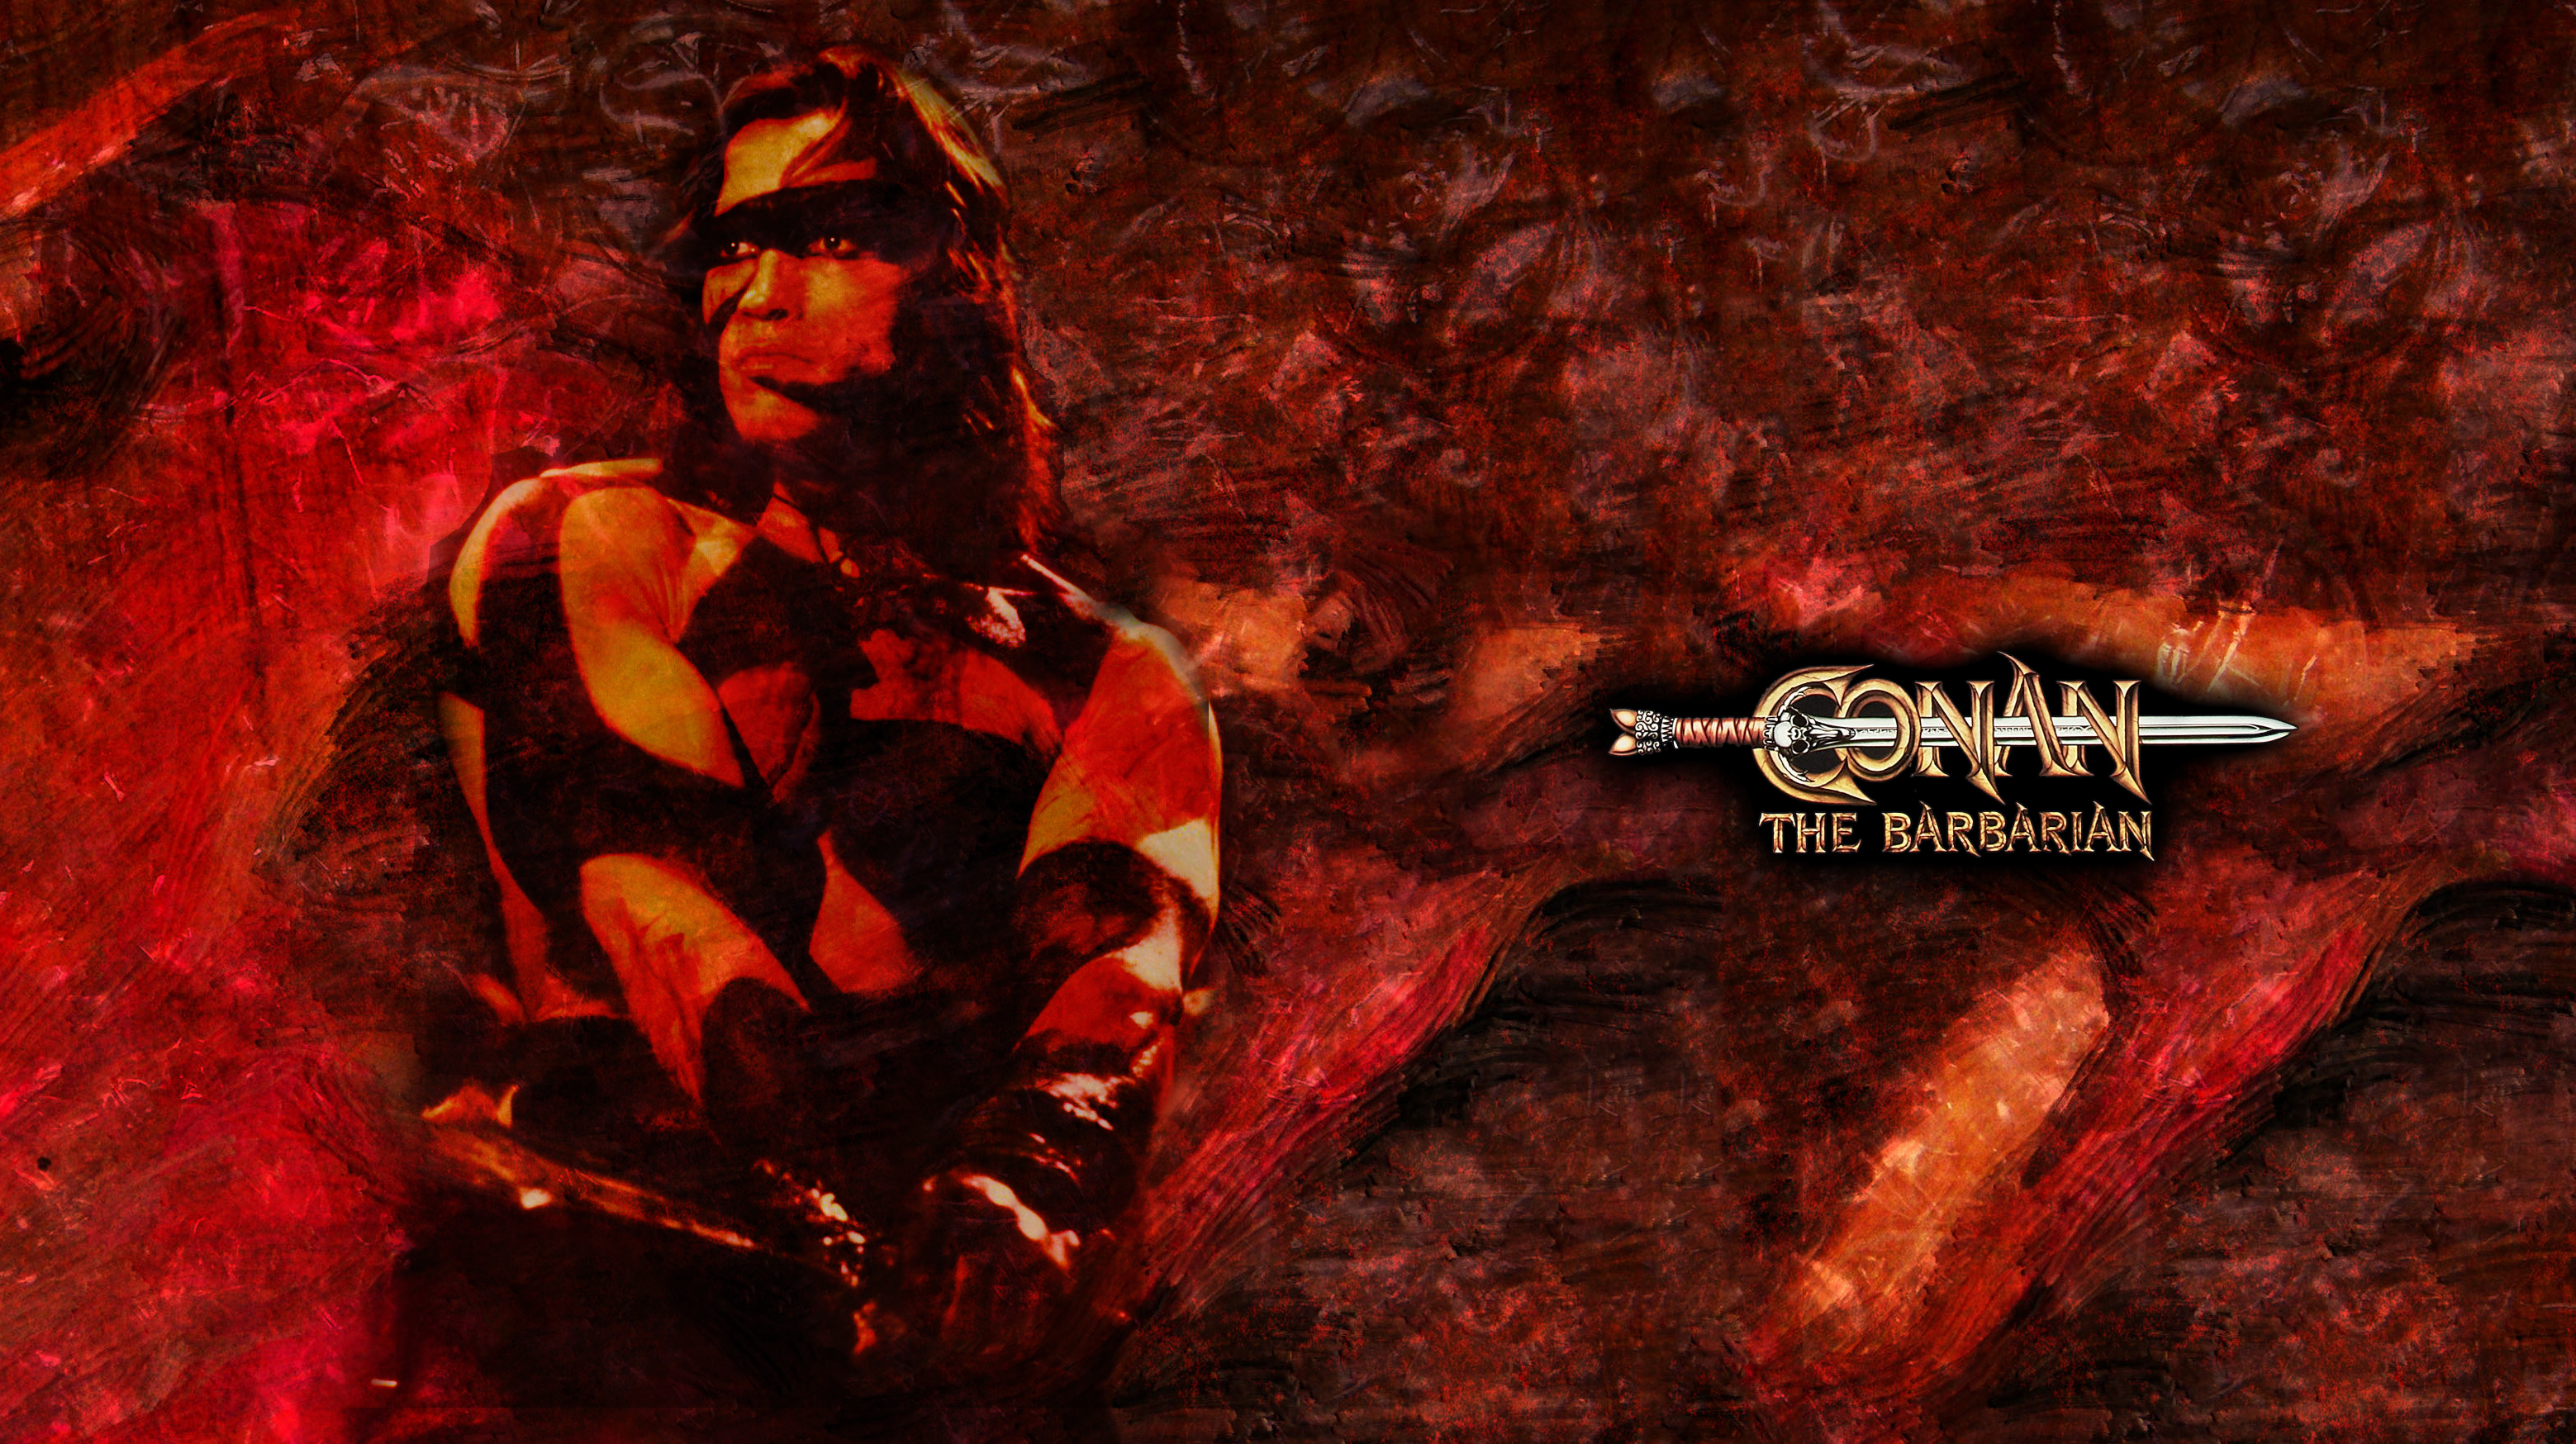 Conan the Barba...